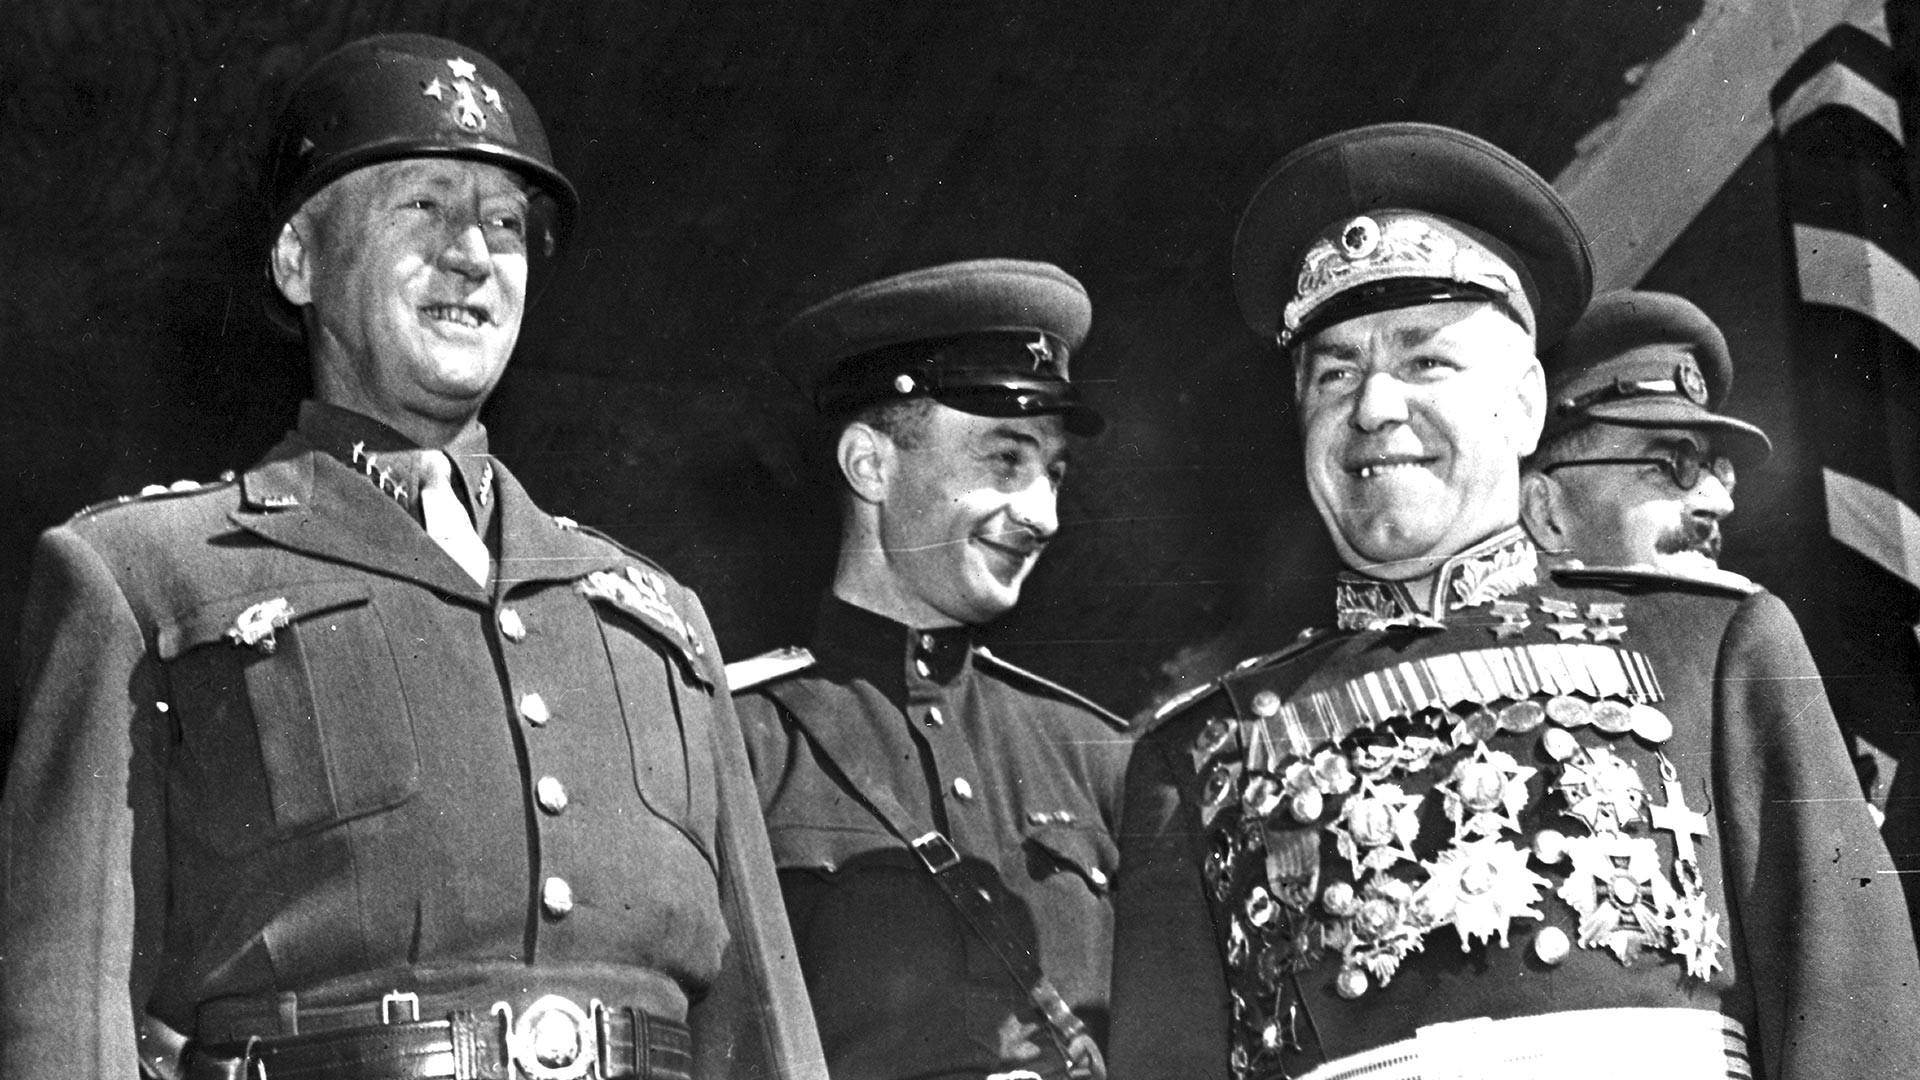 Американският военен командир генерал Джордж С. Патън (1885 - 1945) и руският маршал Георги Жуков (1896 - 1974) (отпред вдясно) преглеждат войските на парада, за да отпразнуват победата на Съюзниците над Япония. Берлин, Германия, 7 септември 1945 г.